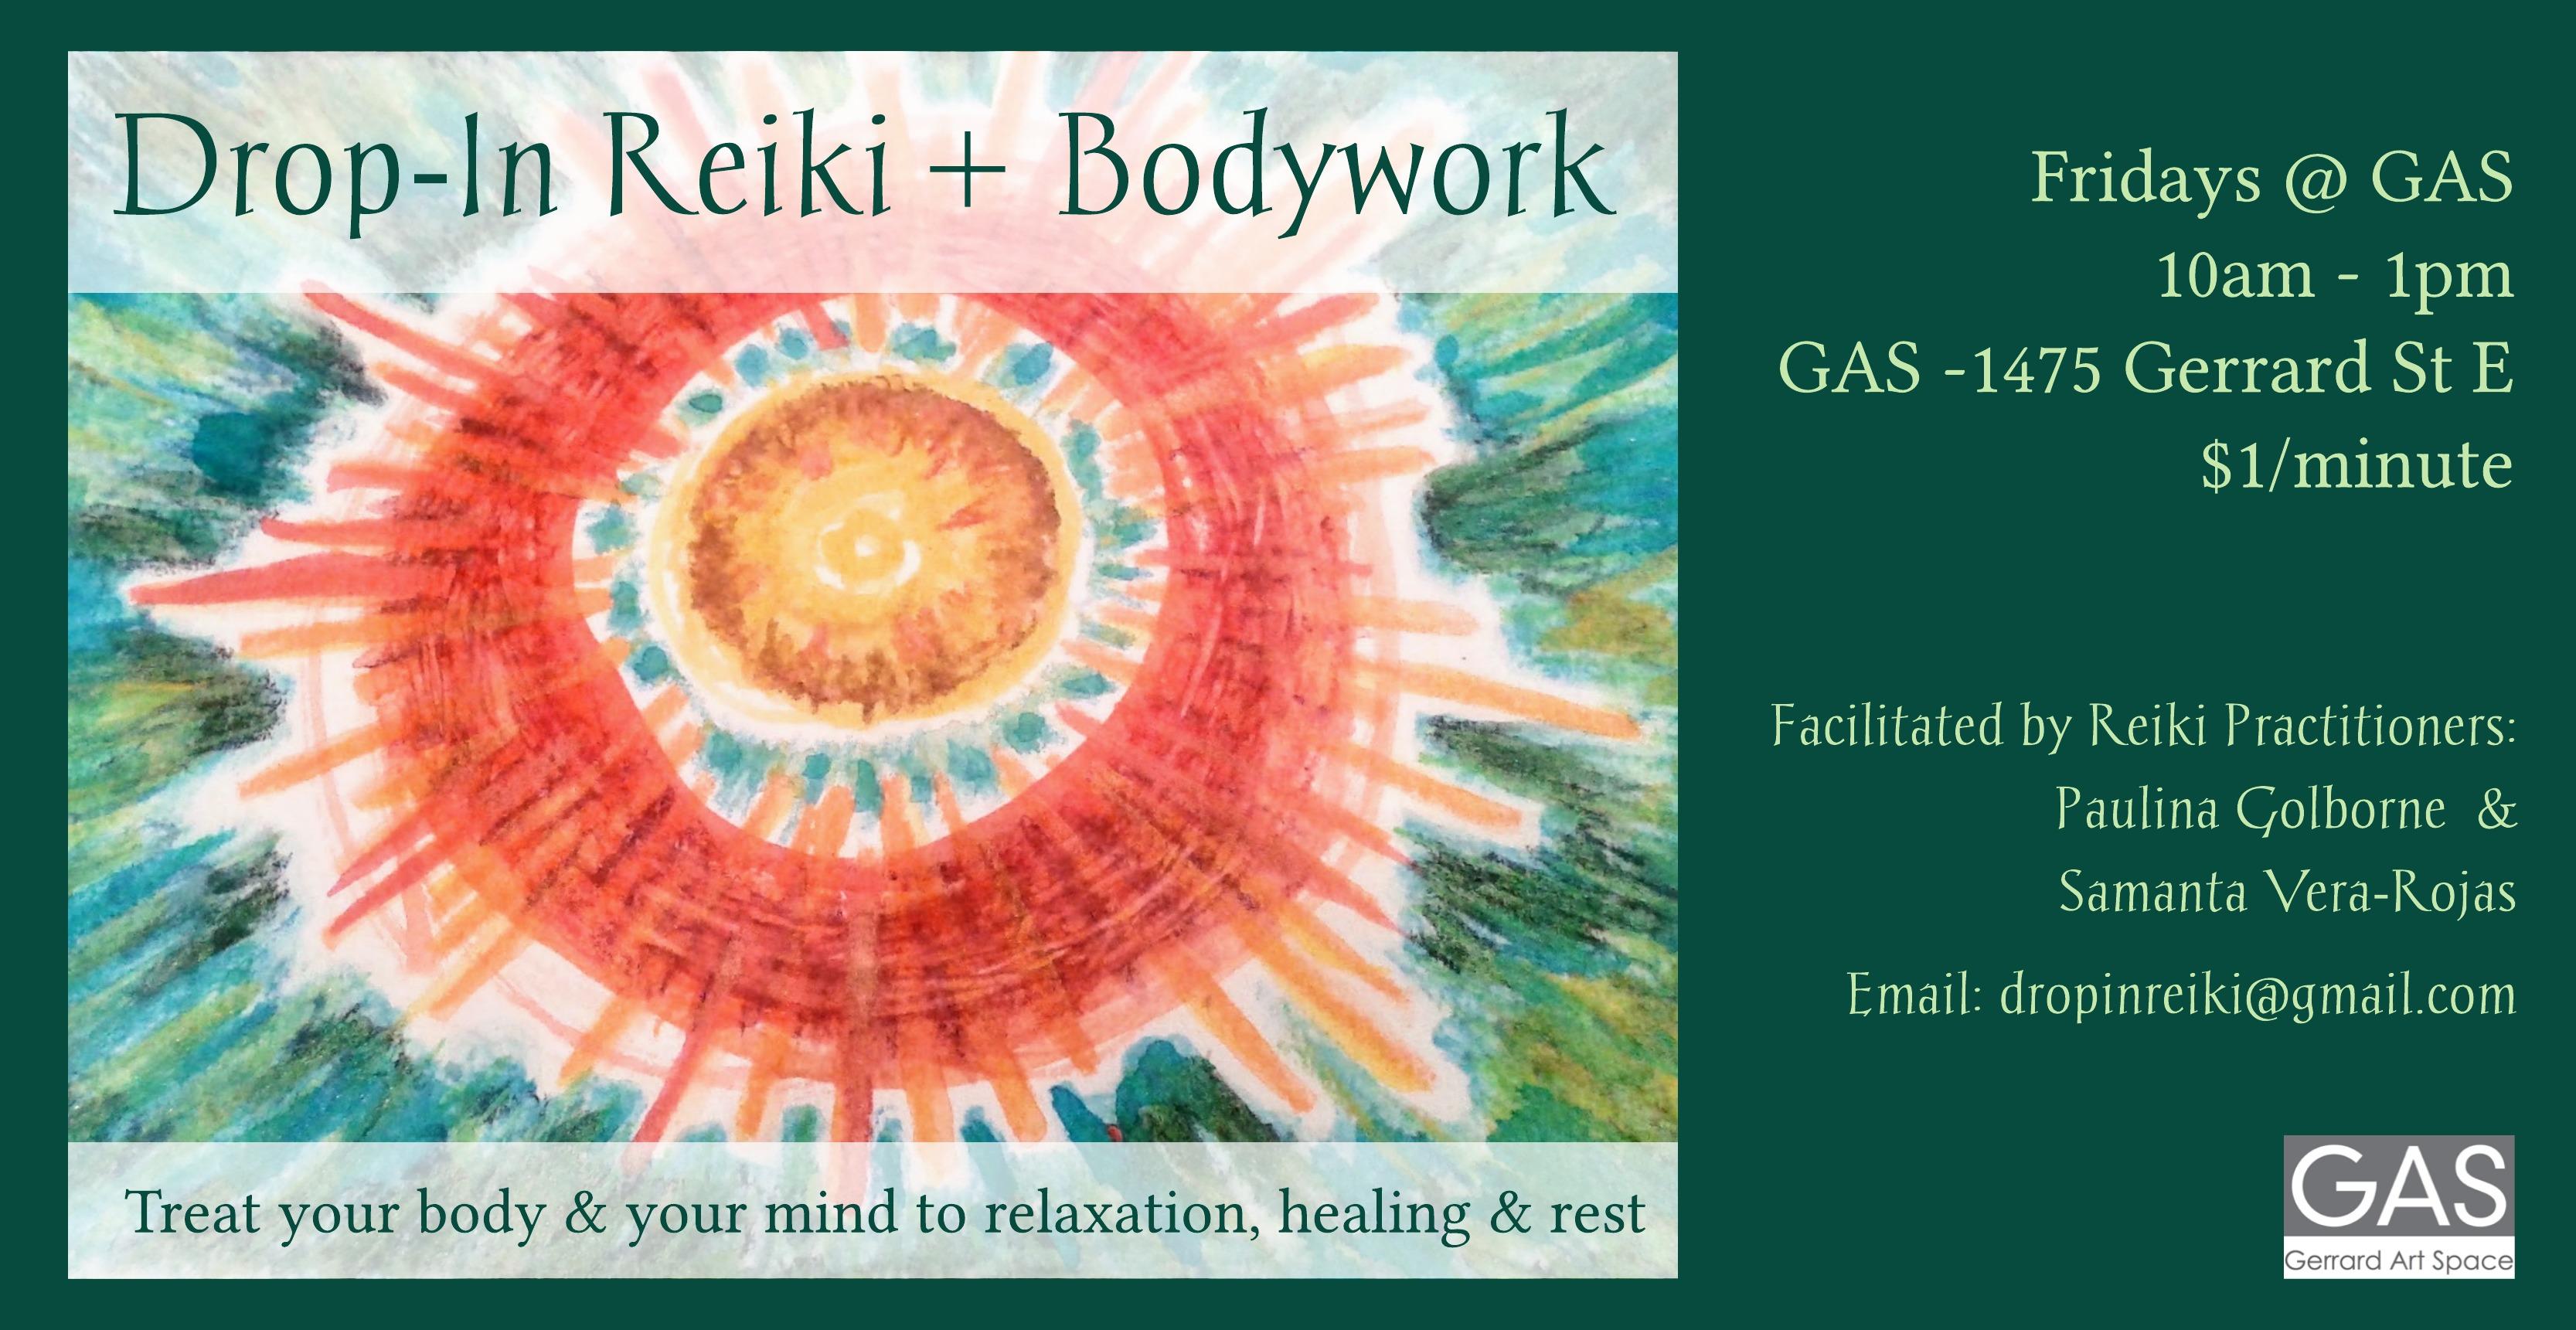 Drop-In Reiki + Bodywork